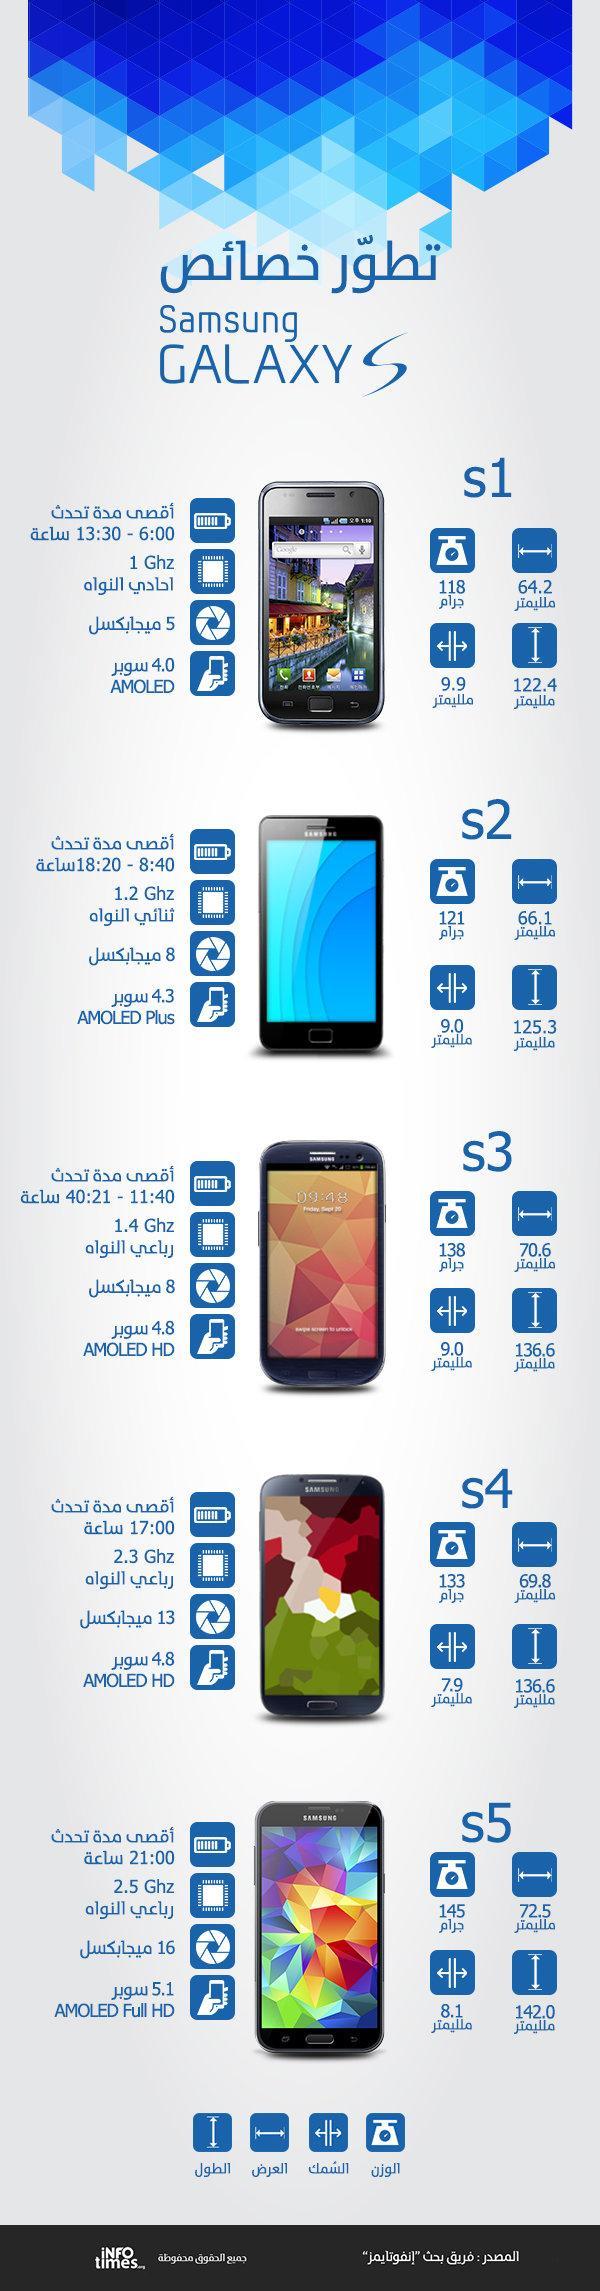 تطور هاتف سامسونج جالاكسي عبر أجياله الخمسة #انفوجرافيك